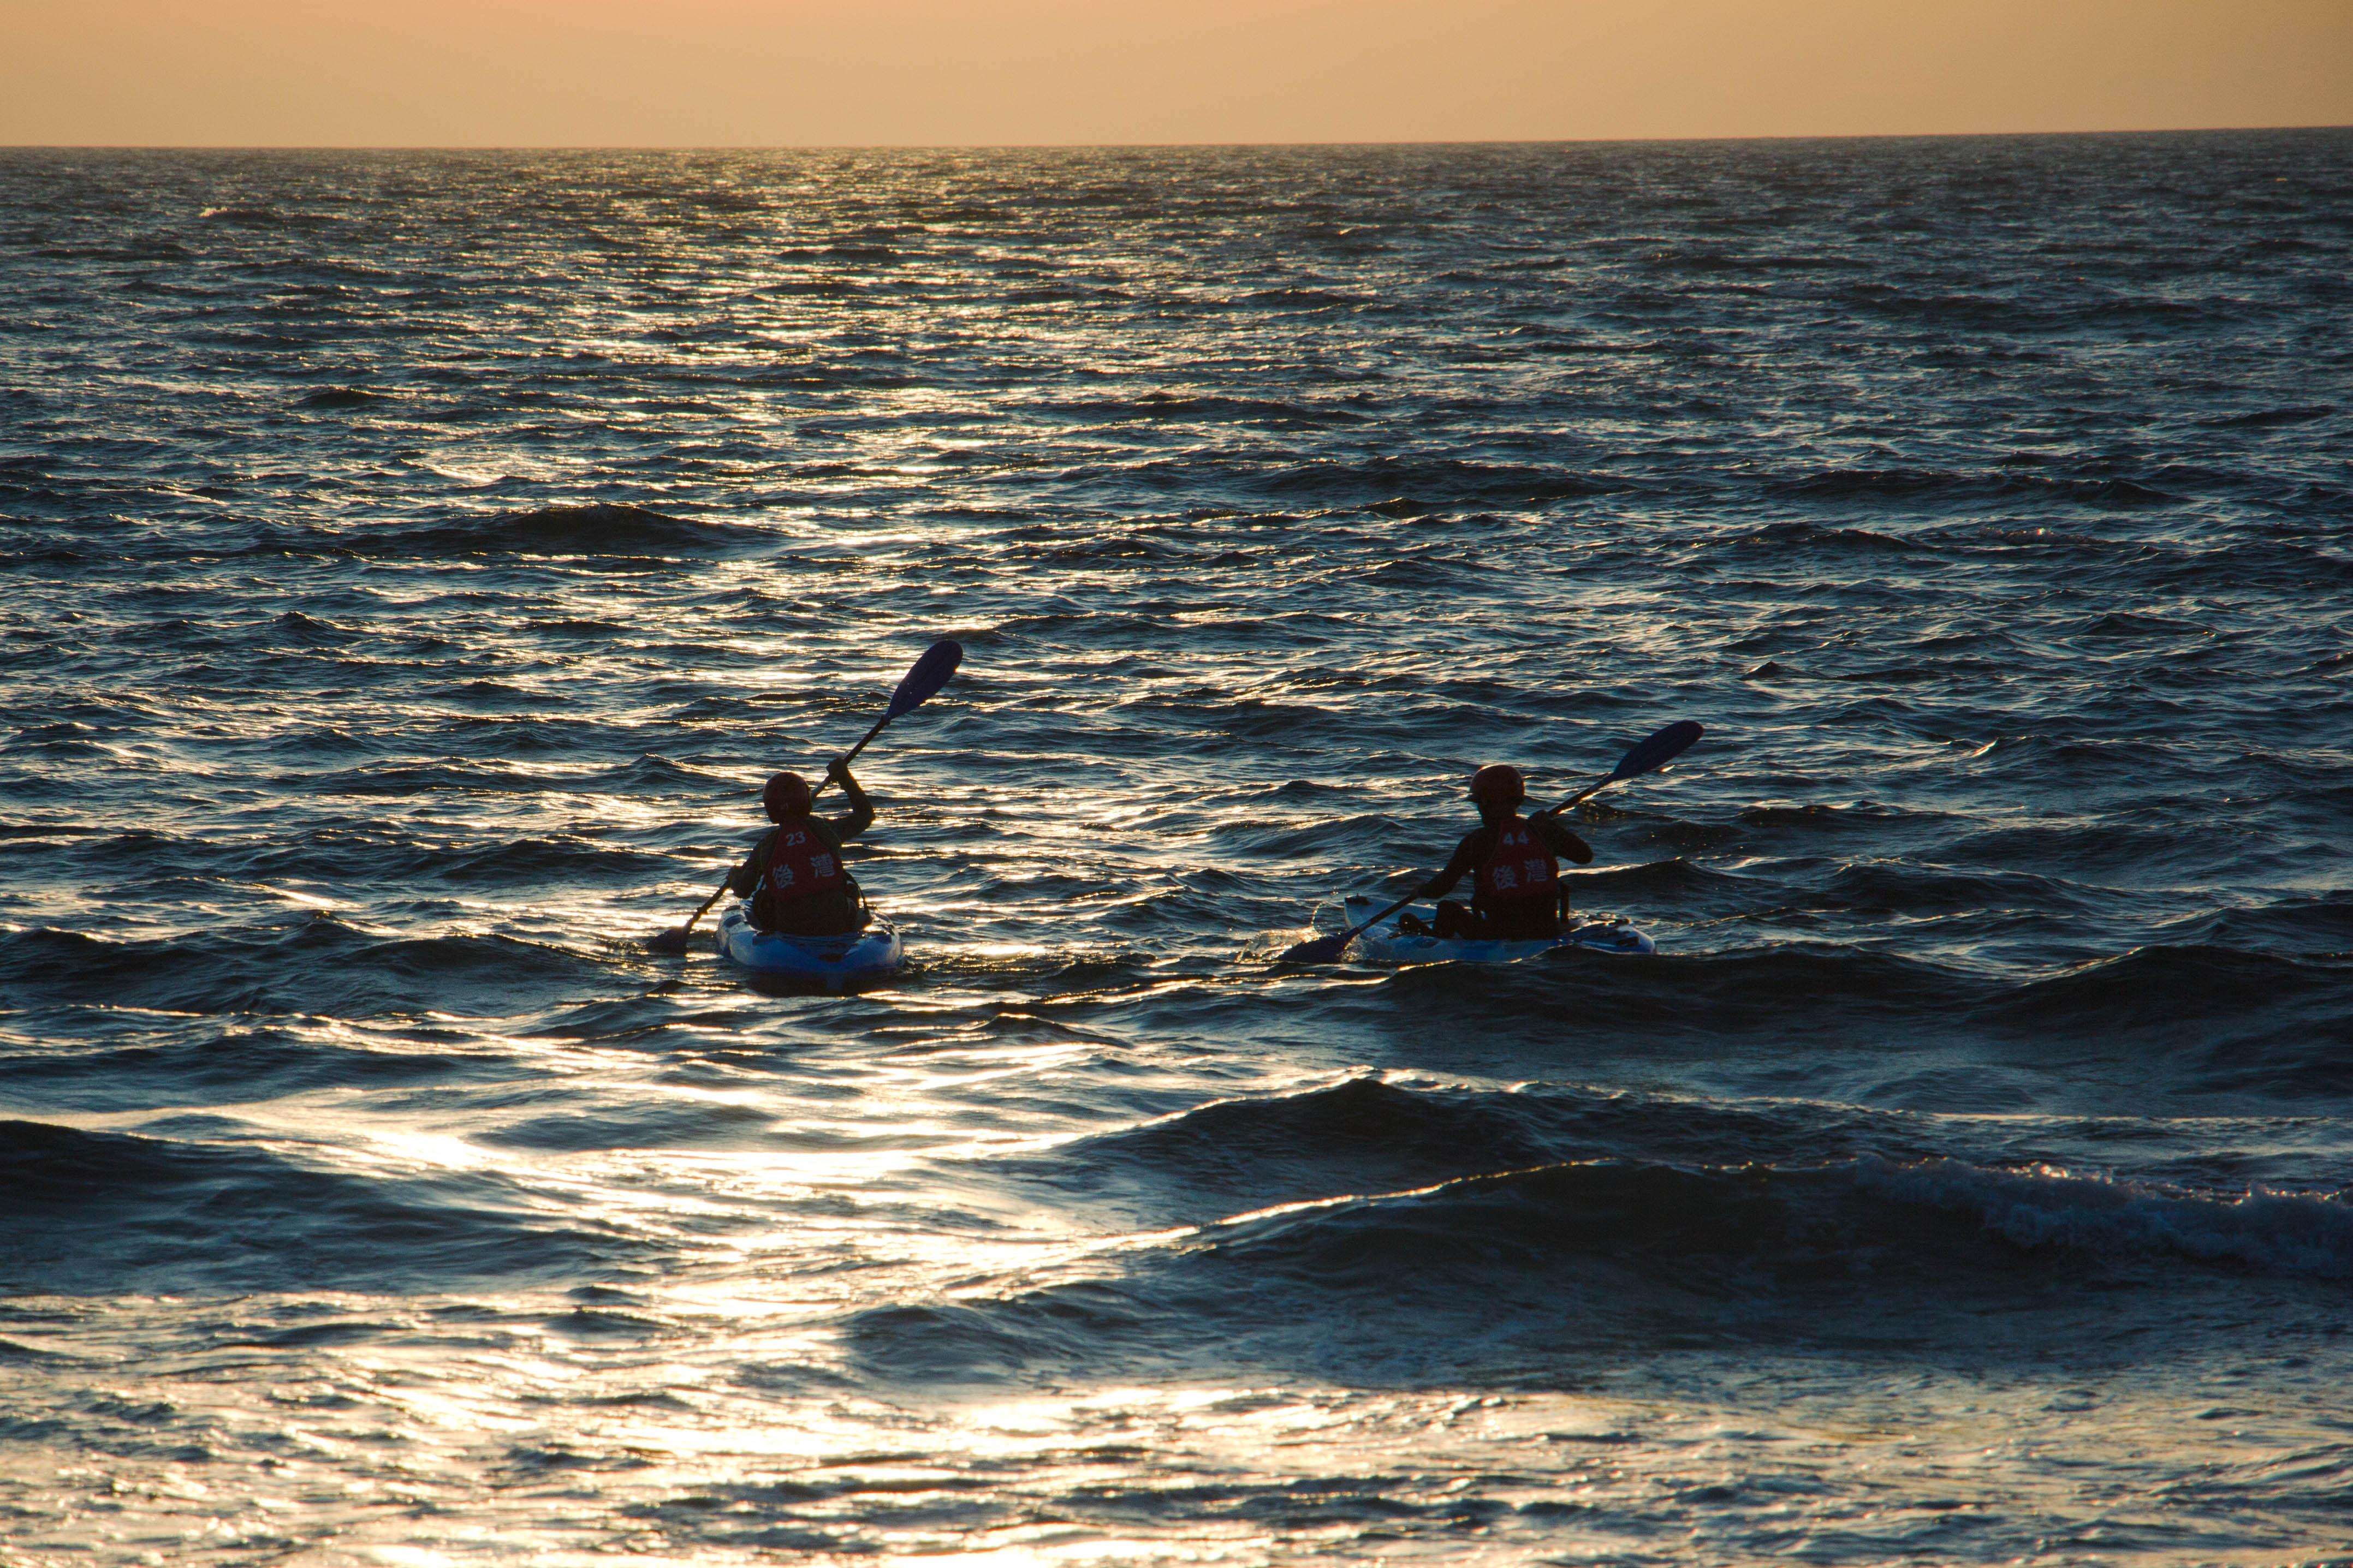 夕陽下的獨木舟體驗